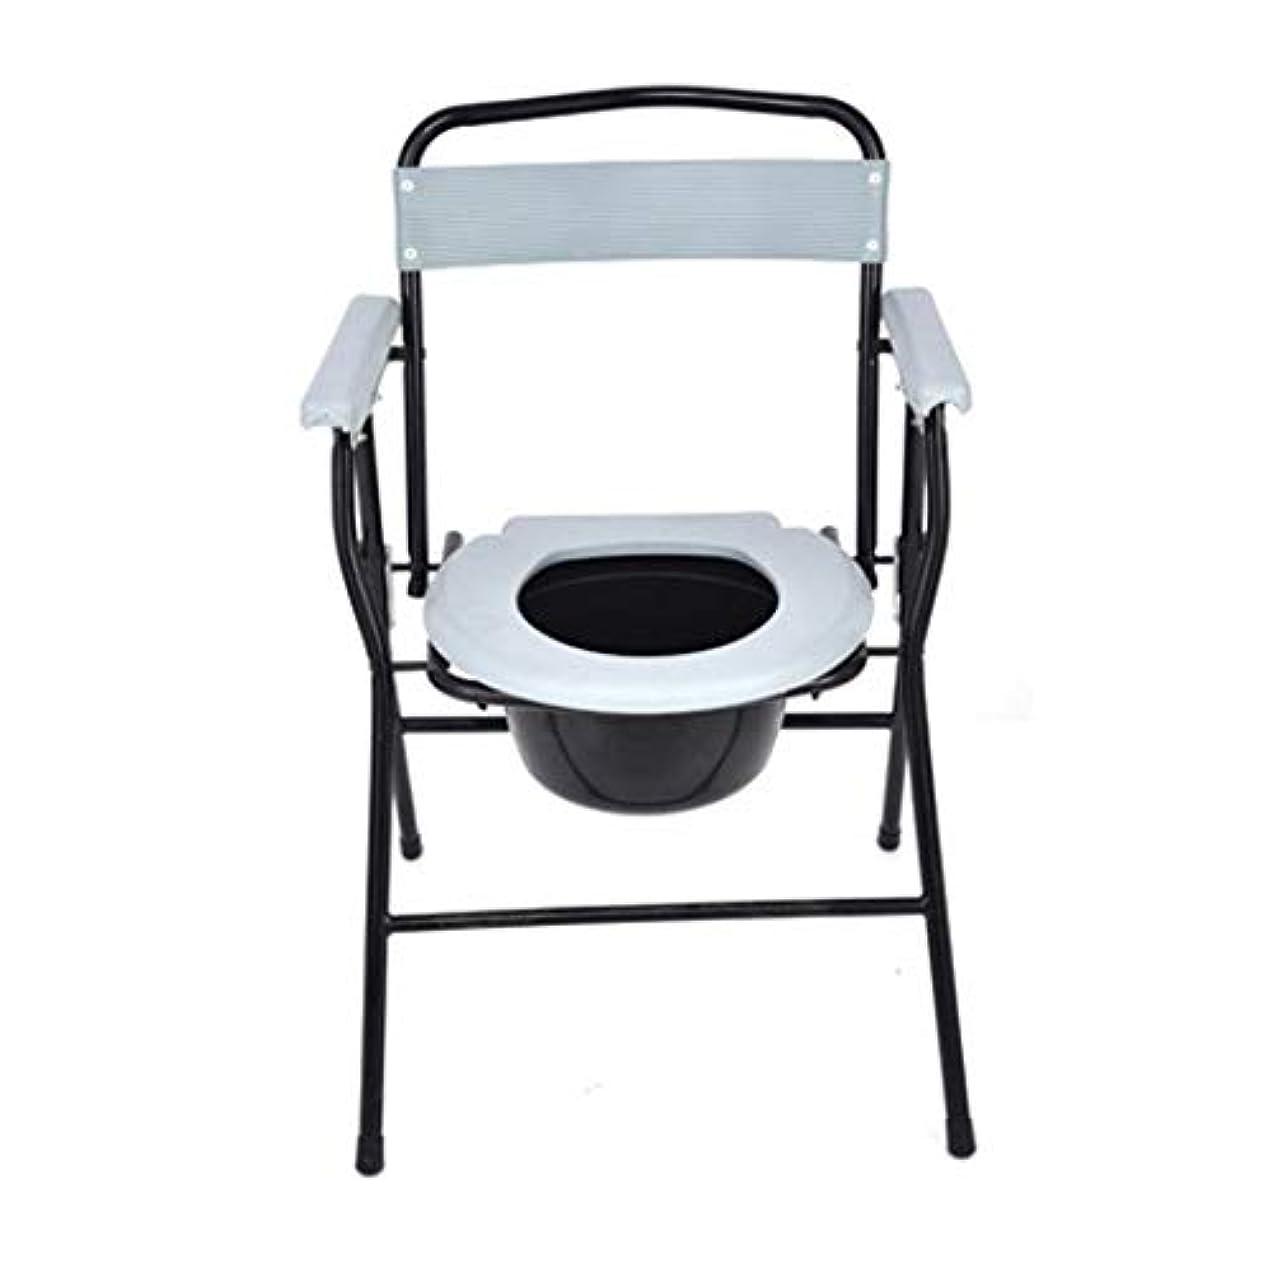 礼儀お手入れフラップ妊娠中の女性高齢者障害者のためのポータブルトイレ便座フレーム、モバイルトイレ老人障害者用椅子、